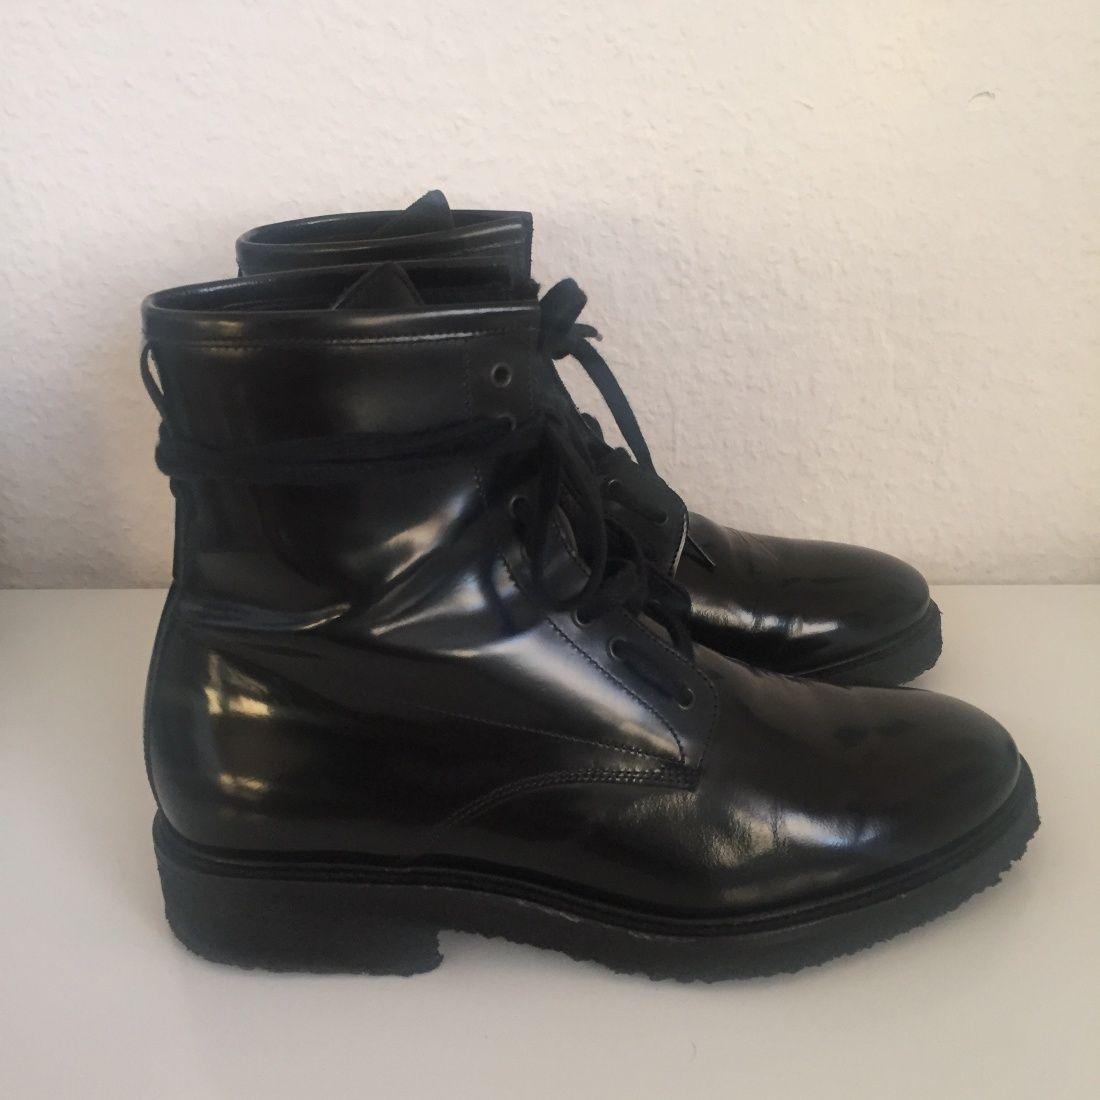 e5c815e945d Sandro Ice Age Boots Size 7  220 - Grailed